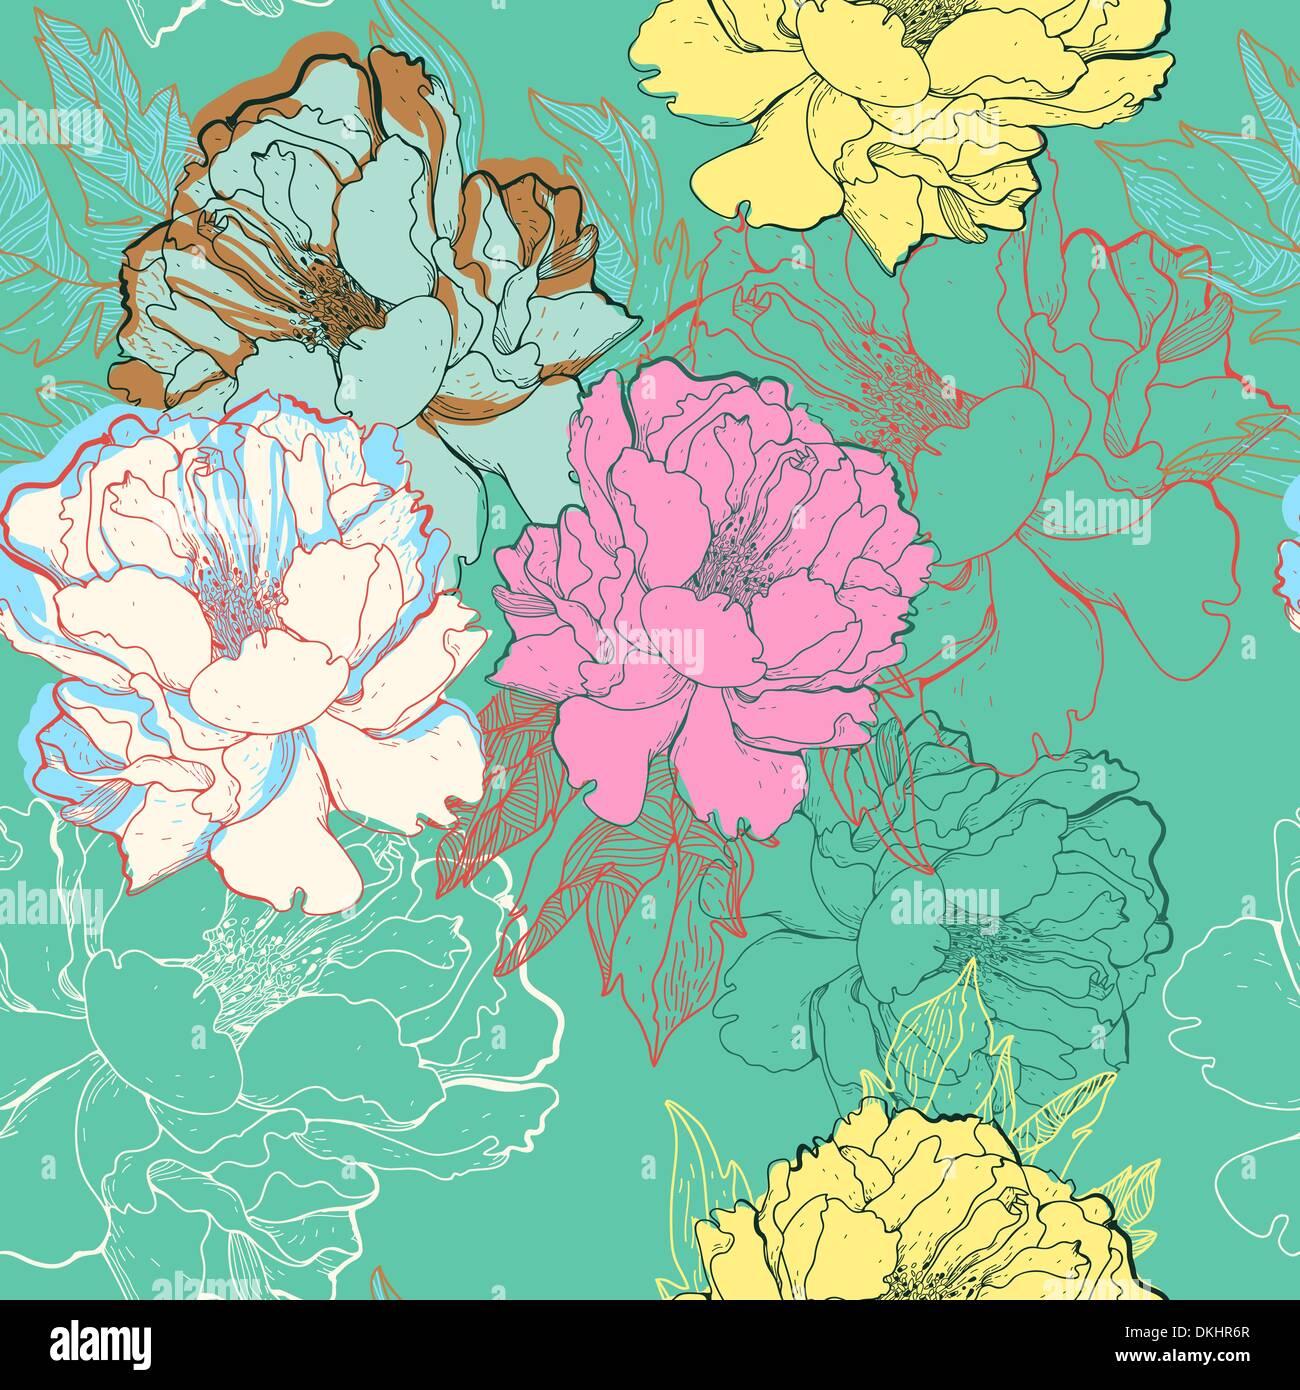 Vektor floral nahtlose Muster mit abstrakten Rosenblüte Stock Vektor